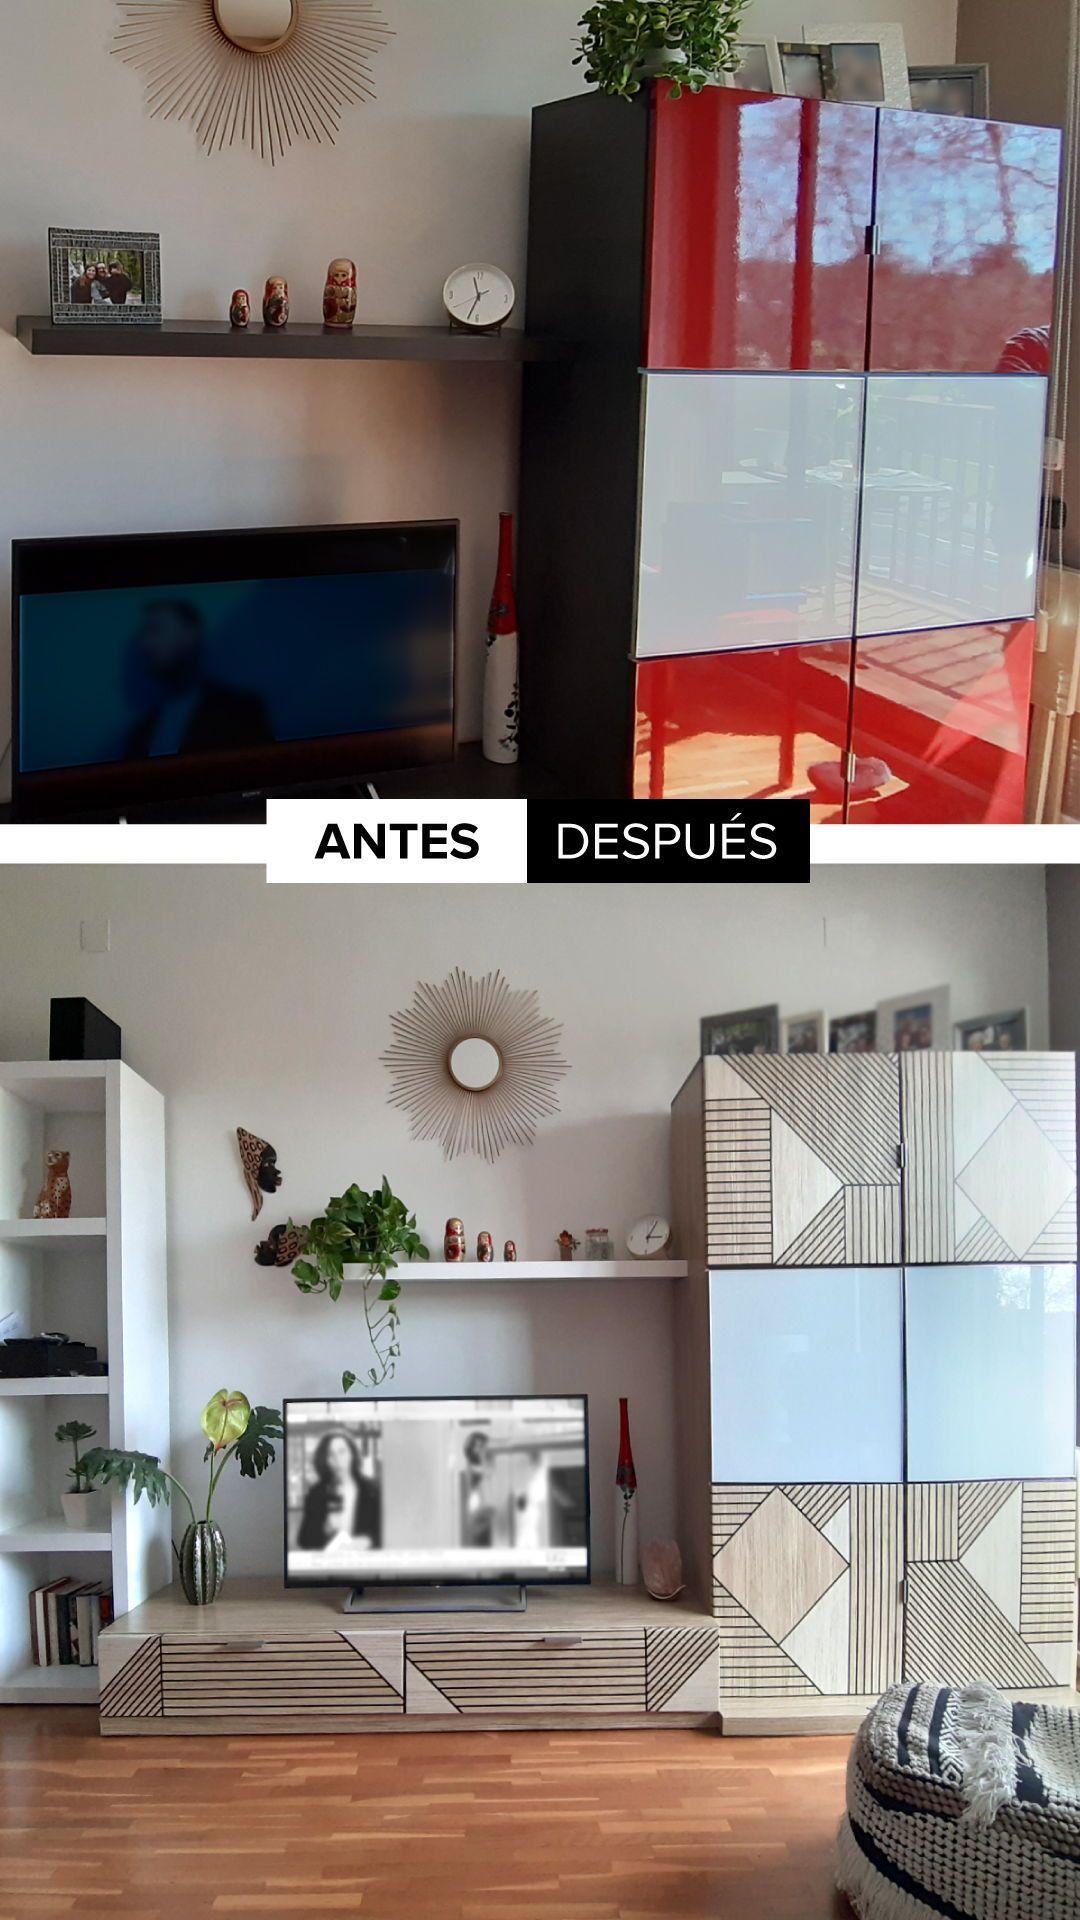 Madera Geométrica Negra Vinilo Adhesivo Lavable Para Mueble Y Pared En 2021 Muebles Decoraciones De Casa Madera